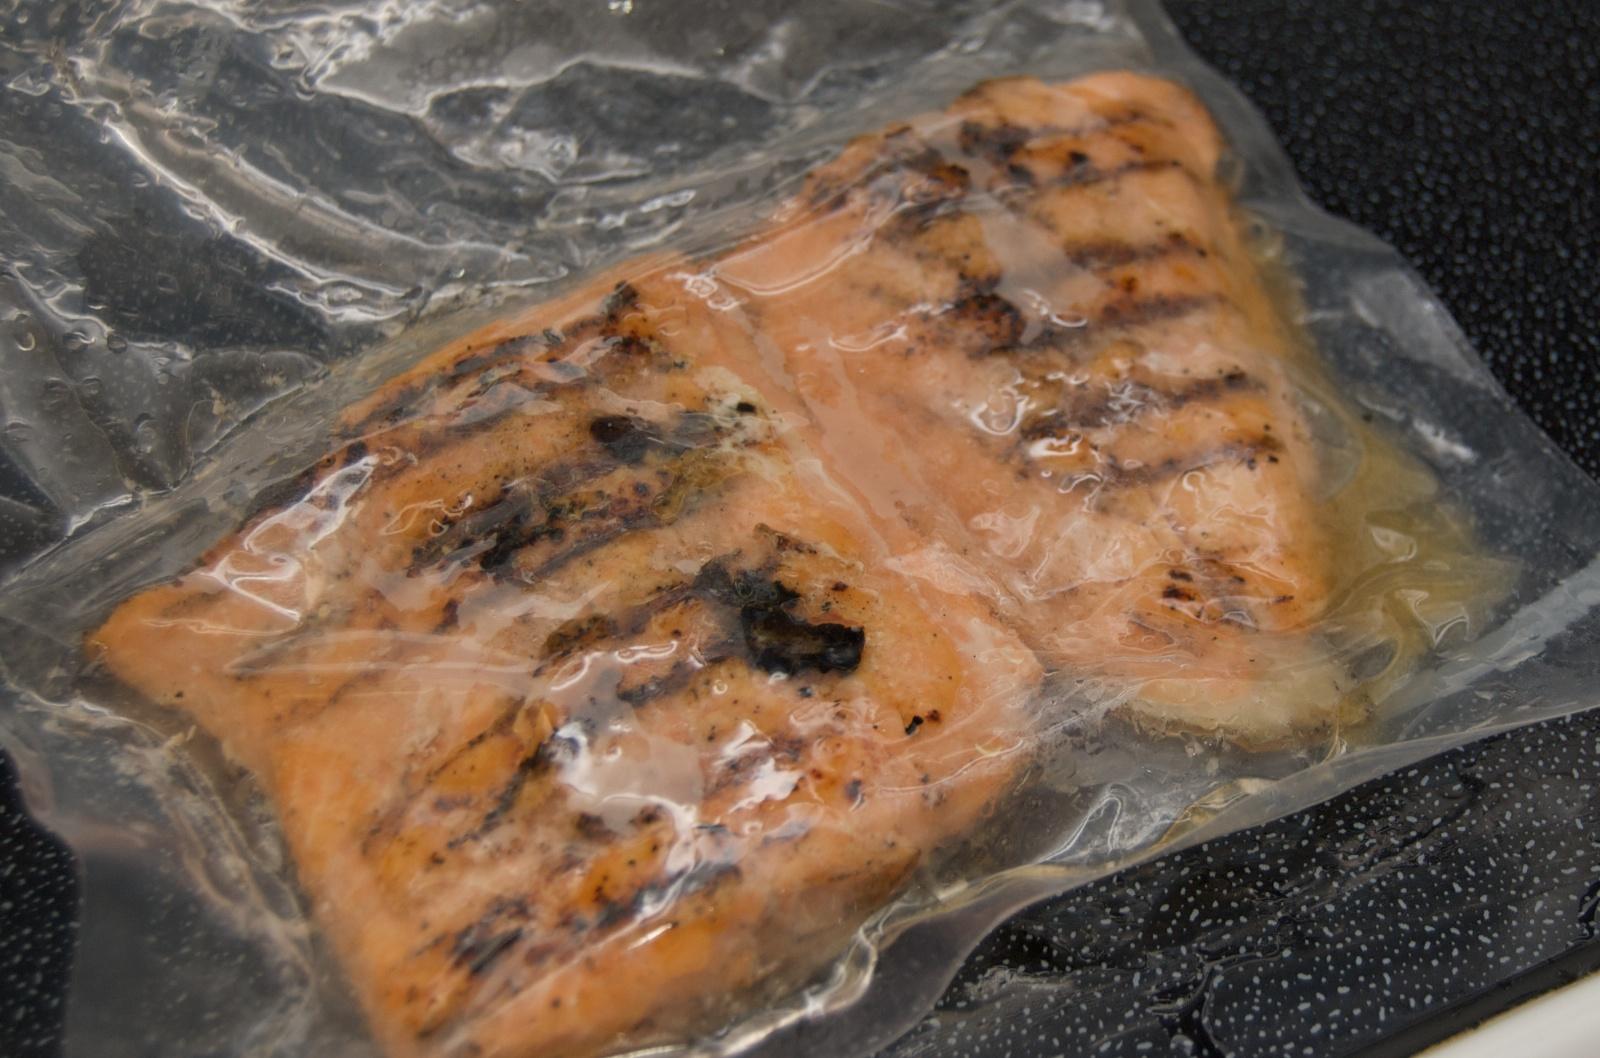 http://blog.rickk.com/food/2010/04/29/char3.jpg